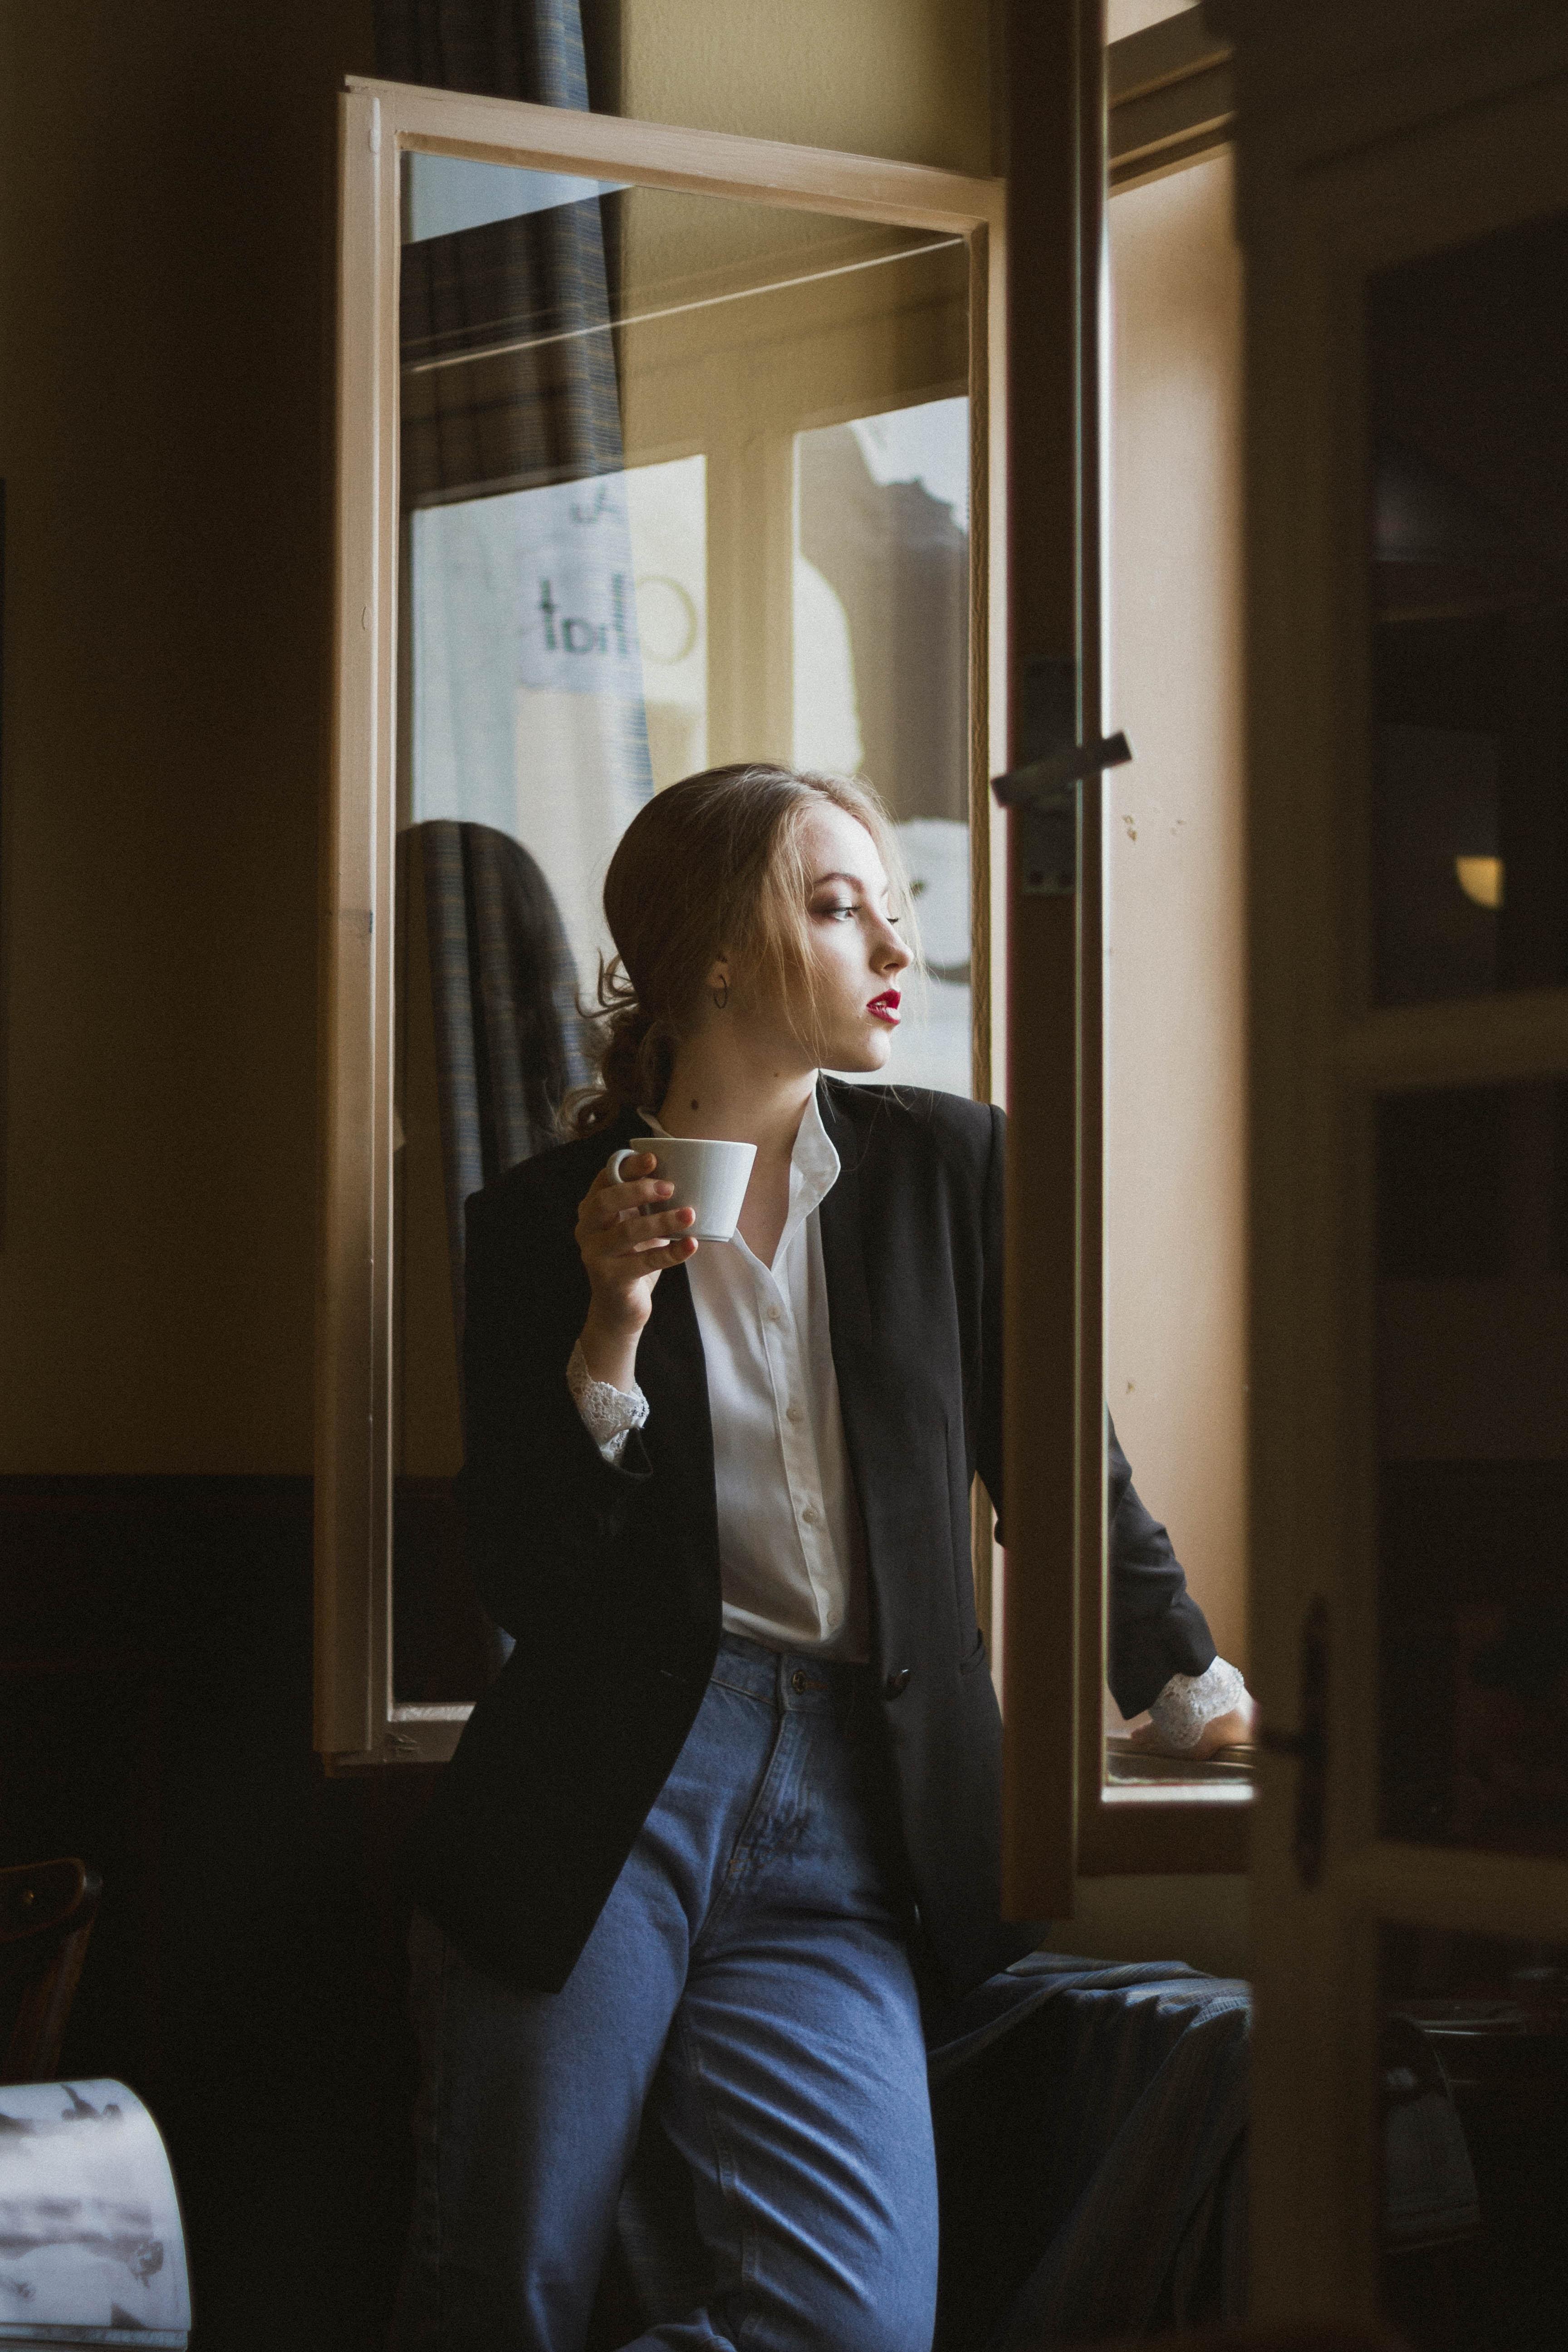 woman having coffee standing beside open window